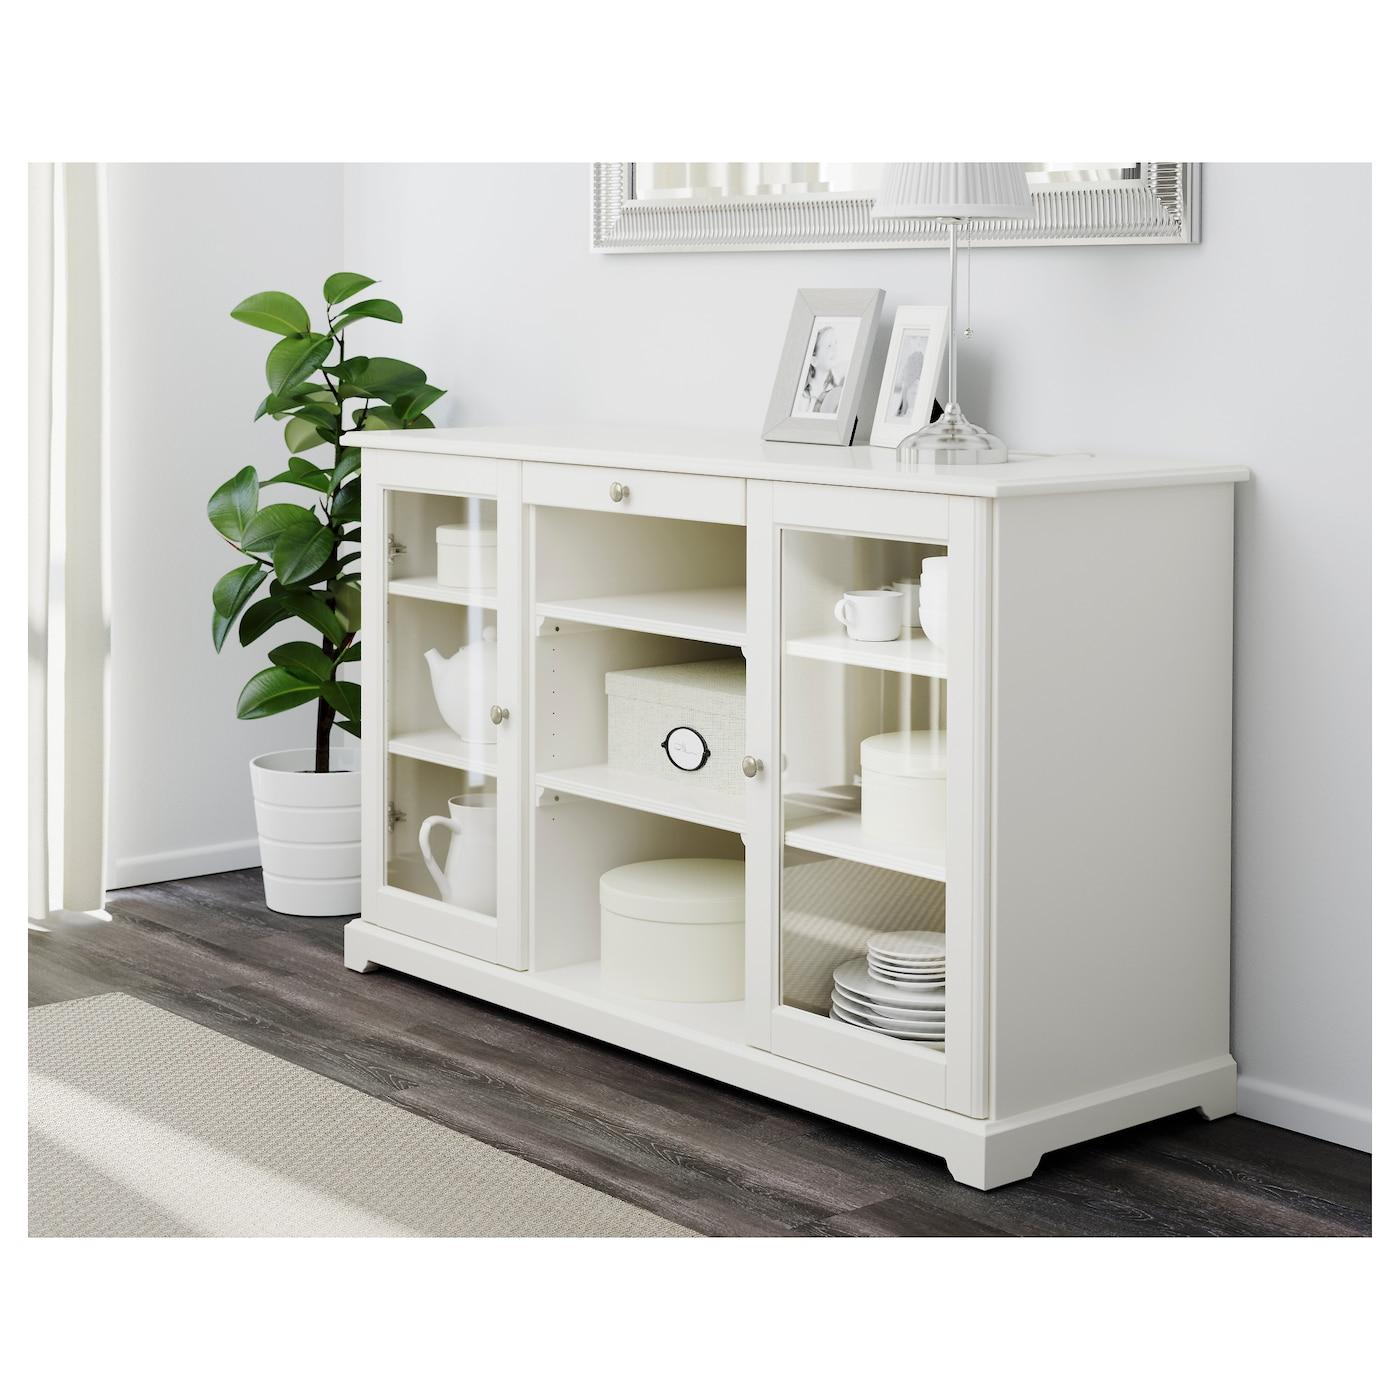 Full Size of Ikea Sideboard Liatorp White Betten Bei Wohnzimmer 160x200 Miniküche Küche Kaufen Modulküche Sofa Mit Schlaffunktion Arbeitsplatte Kosten Wohnzimmer Ikea Sideboard